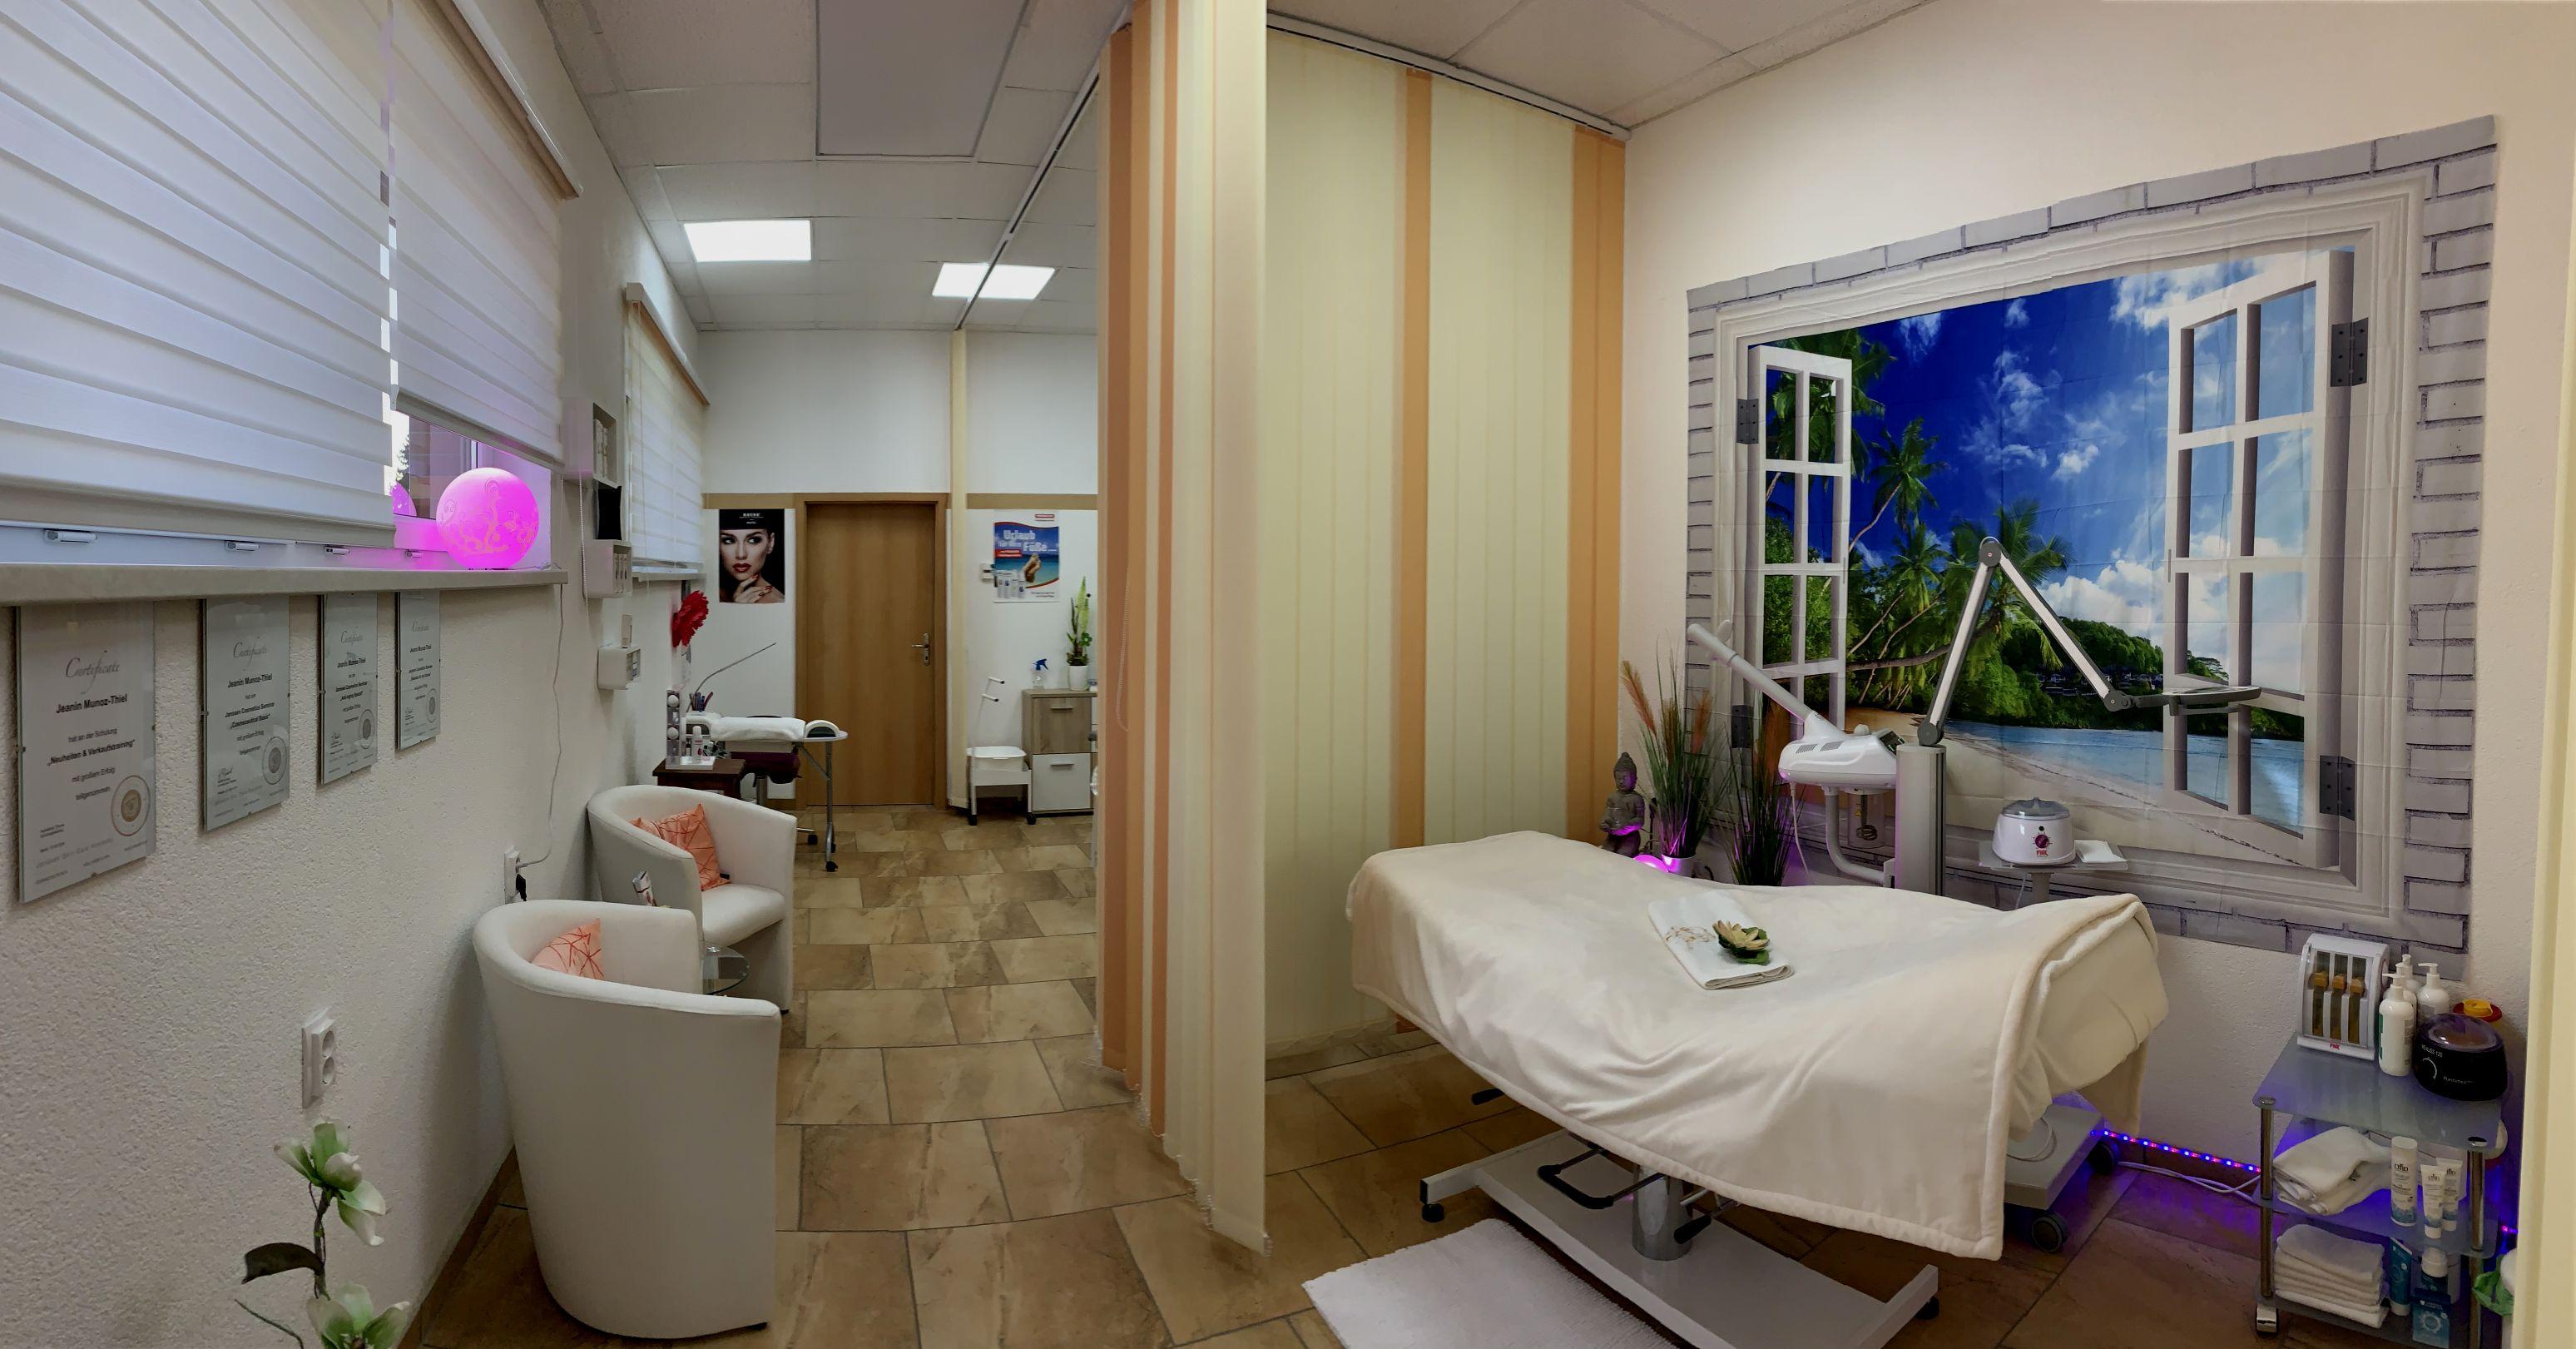 Kosmetikstudio BeautyDream